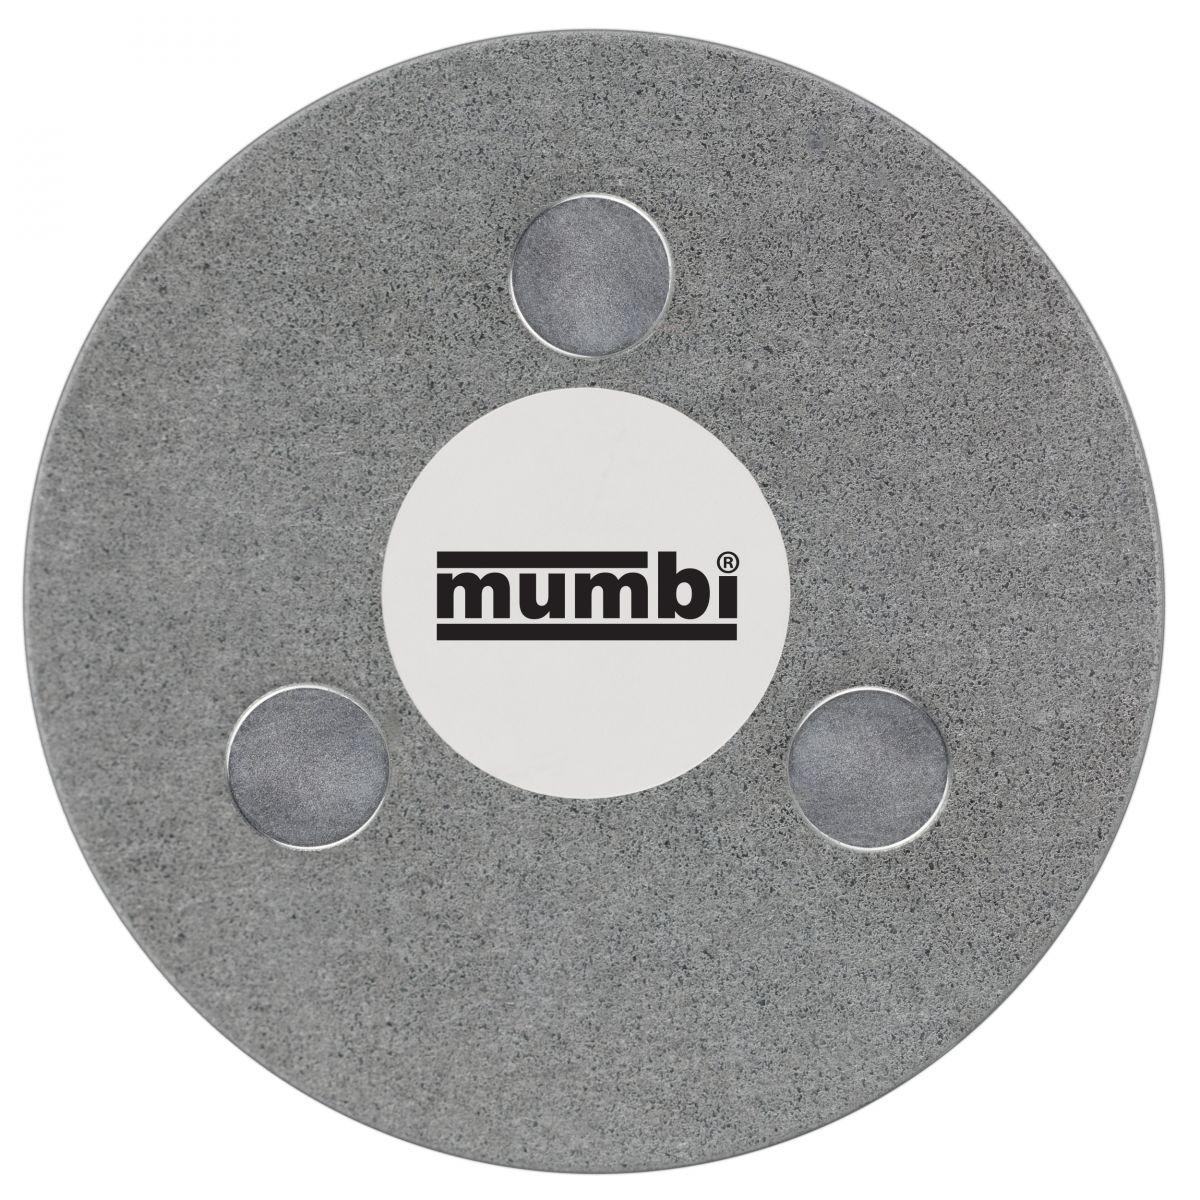 mumbi 3x magnetbefestigung magnethalterung magnet halterung f r rauchmelder ebay. Black Bedroom Furniture Sets. Home Design Ideas